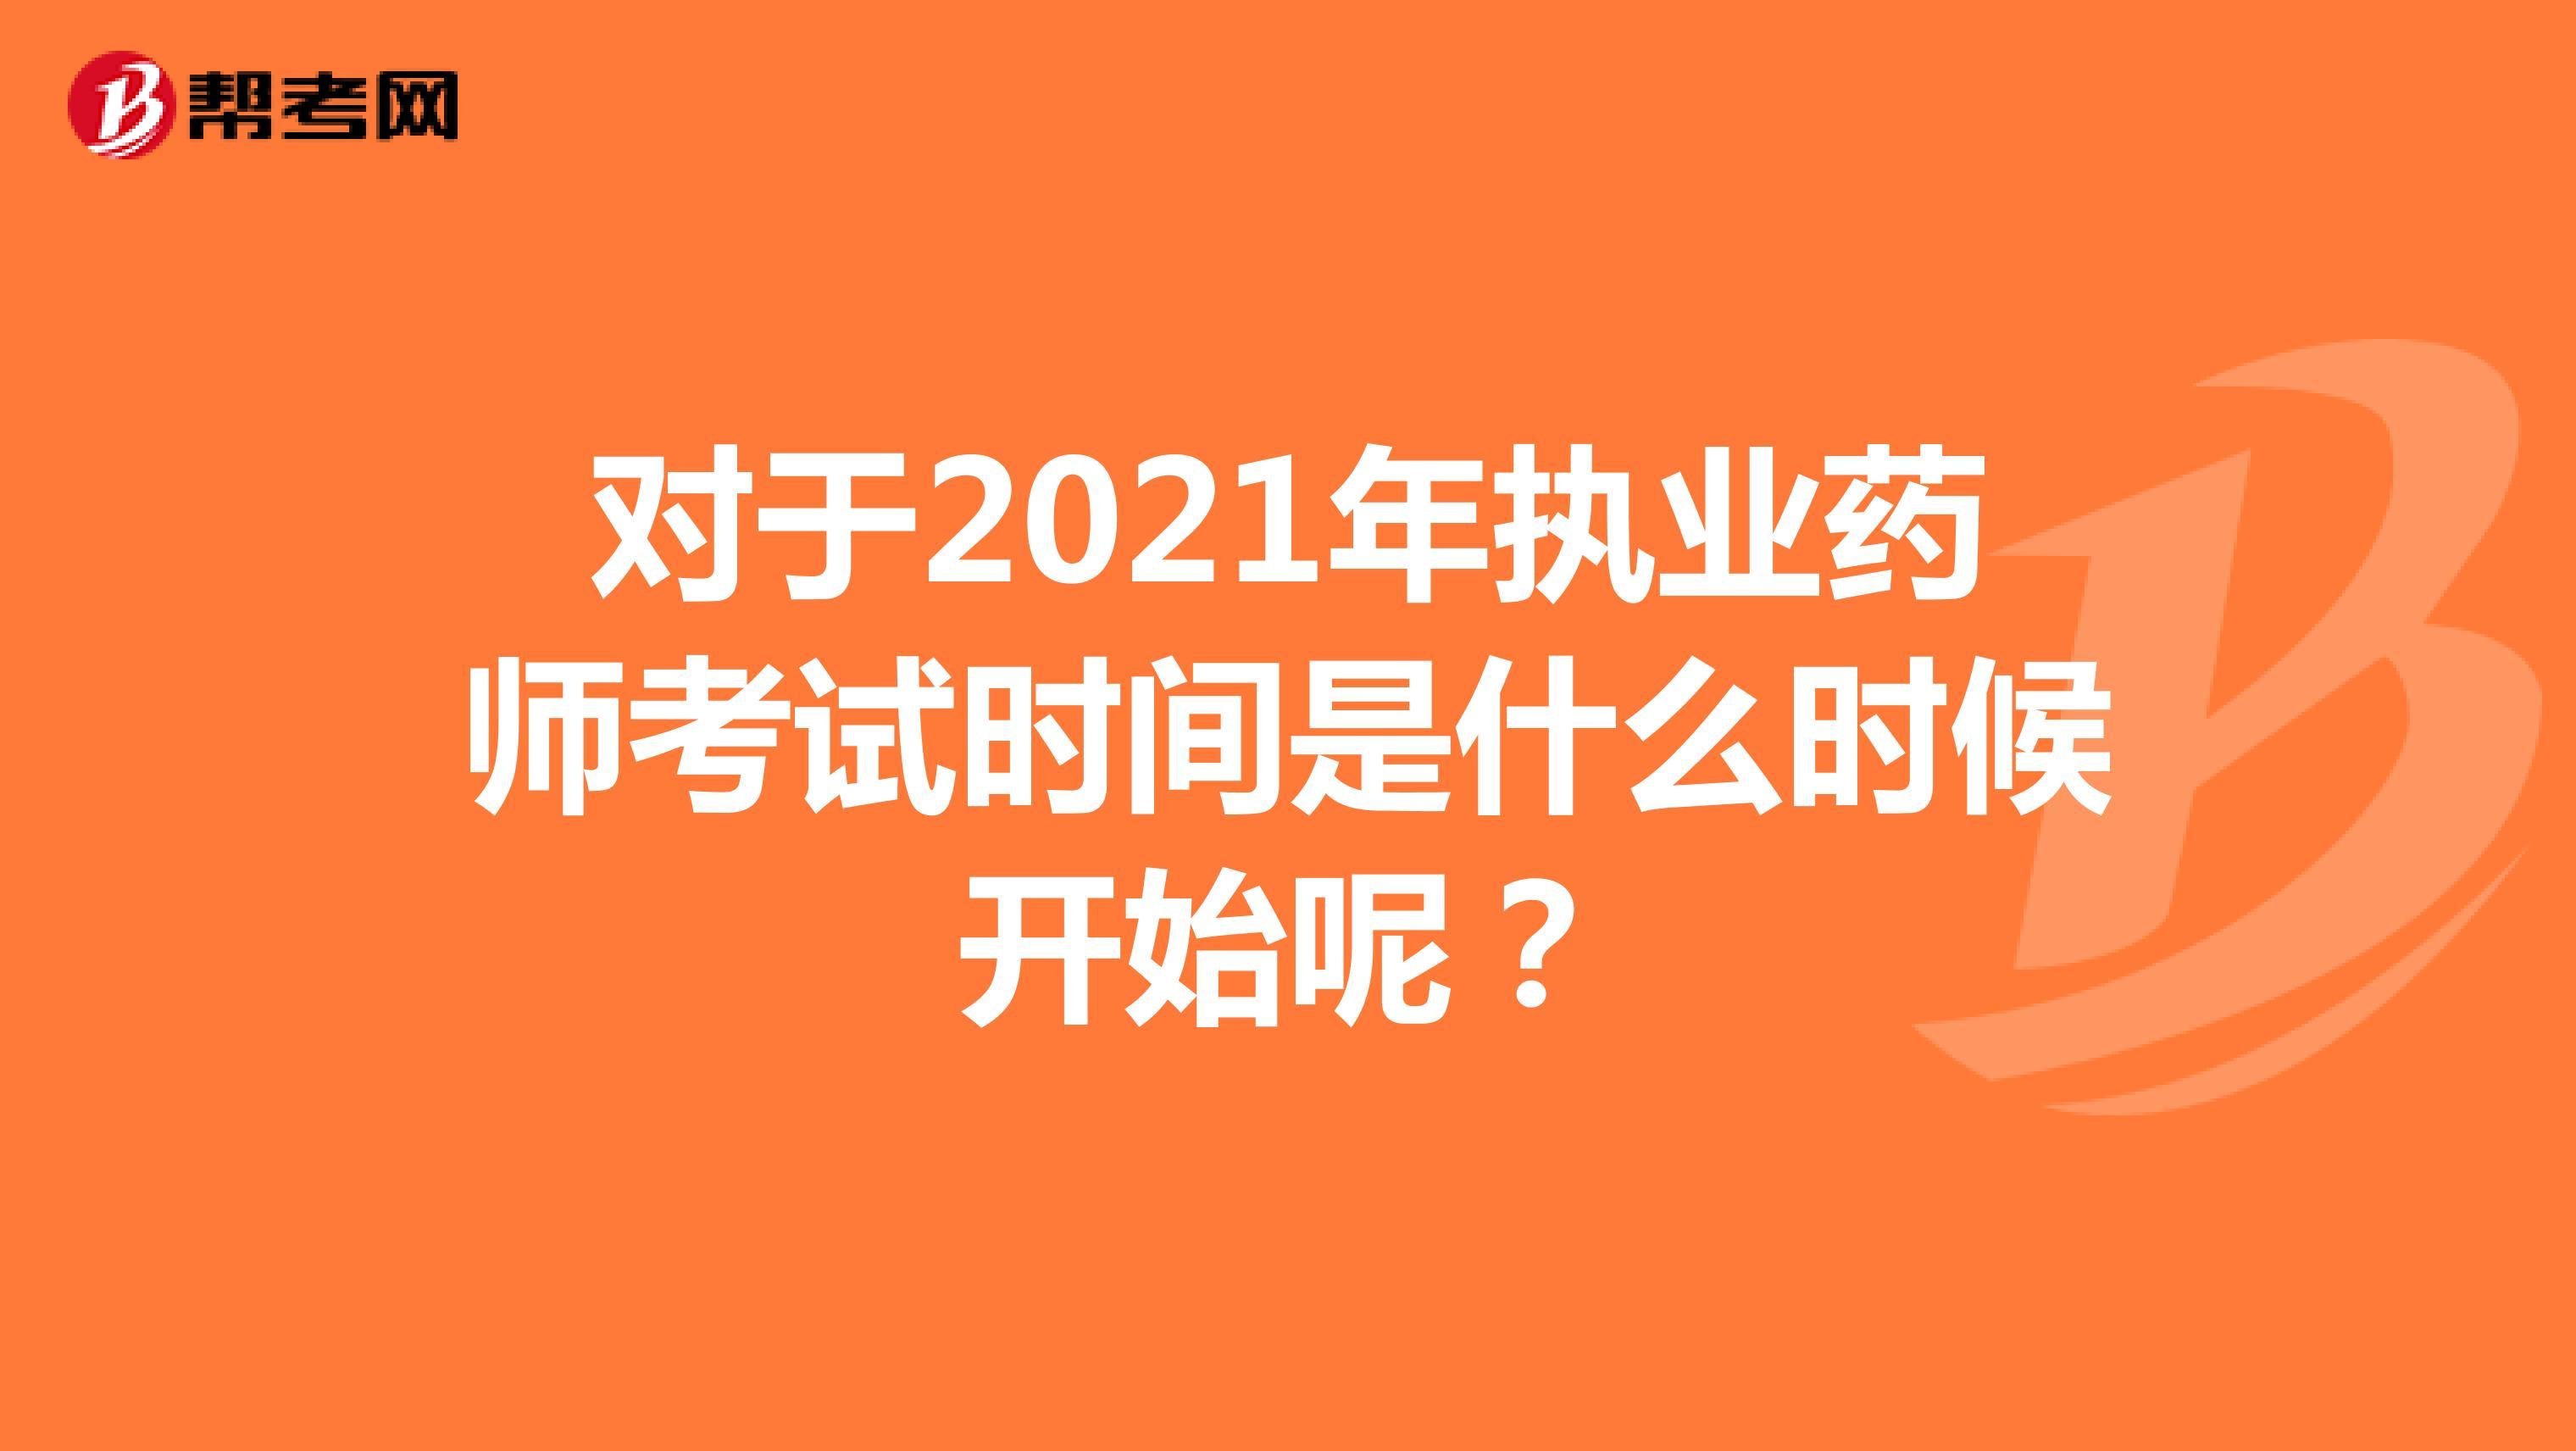 对于2021年执业药师考试时间是什么时候开始呢?